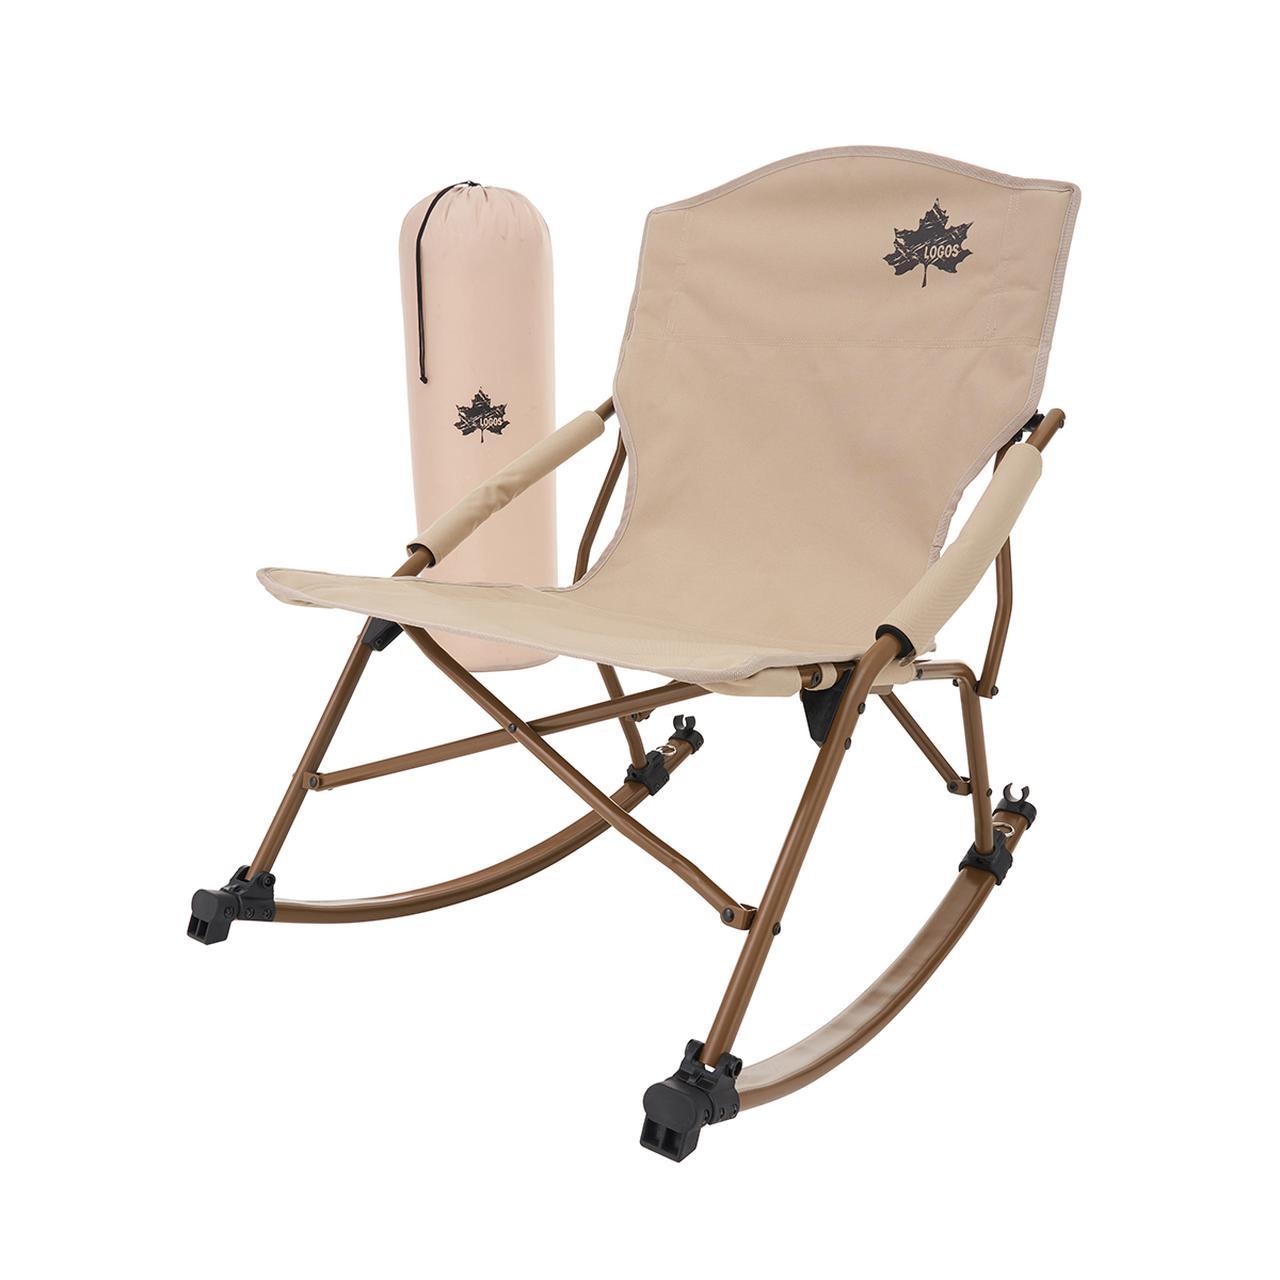 画像: Tradcanvas スウィングチェア|ギア|家具|椅子・ベンチ|製品情報|ロゴスショップ公式オンライン